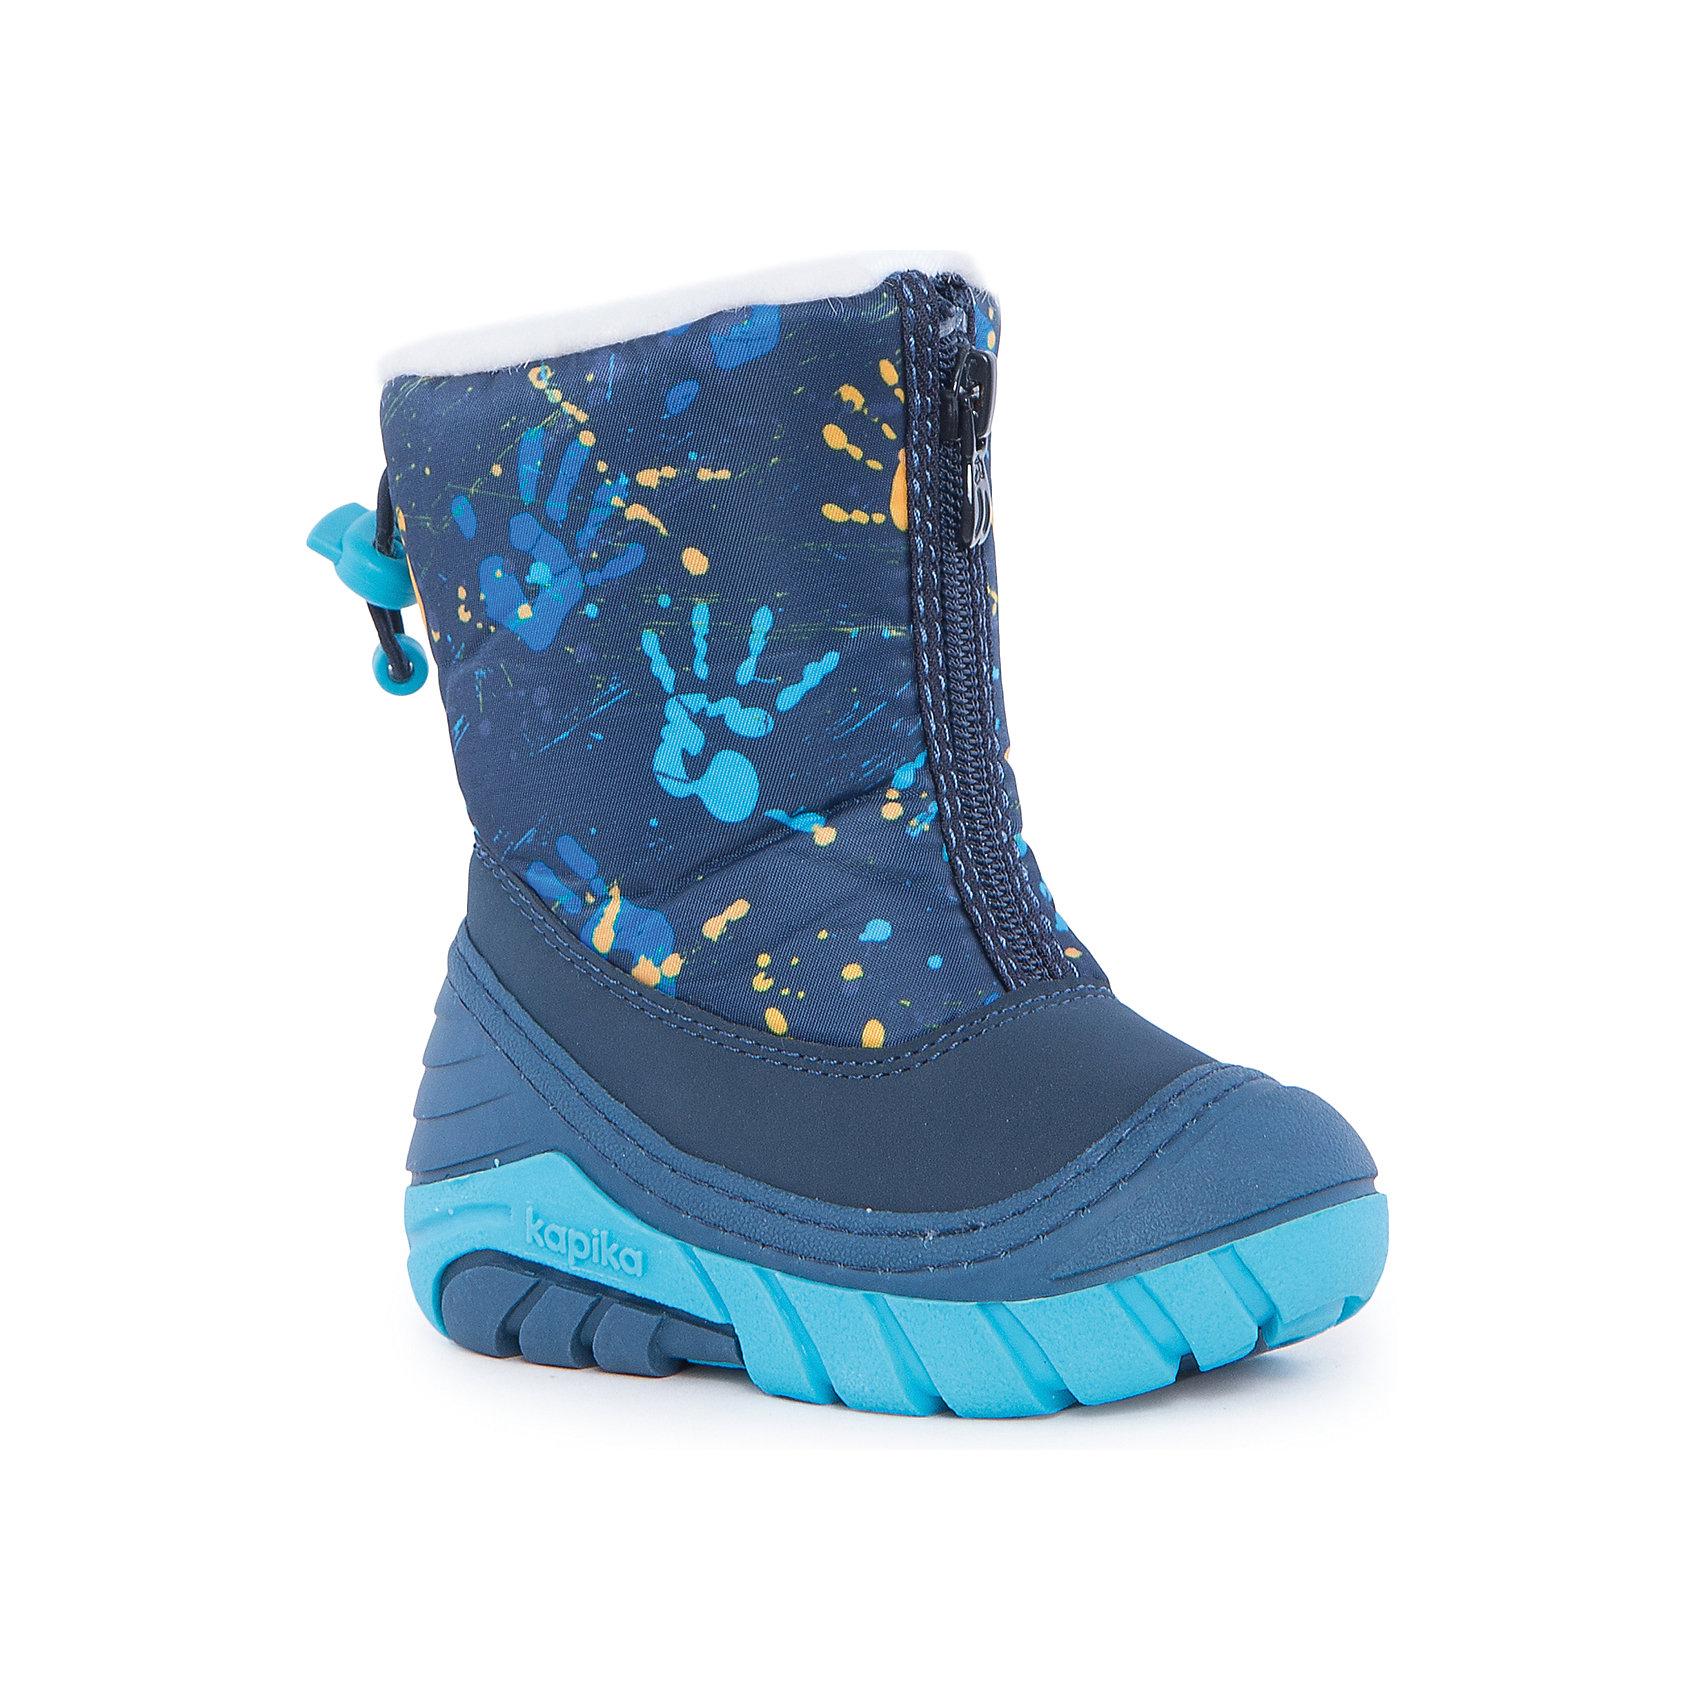 Сноубутсы для мальчика KapikaСноубутсы<br>Полусапоги для мальчика KAPIKA.<br><br>Температурный режим: до -20 градусов. Степень утепления – средняя. <br><br>* Температурный режим указан приблизительно — необходимо, прежде всего, ориентироваться на ощущения ребенка. <br><br>Сапоги-дутики защитят ноги малыша от снега и дождя. Благодаря теплому меху внутри их можно носить даже в очень холодную погоду. Подошва сделана с противоскользящим эффектом. Сапоги имеют форму цельного валенка, вклеенного в сапоги-галоши. Это дает дополнительную защиту от влаги и холода. Застегиваются на молнию спереди.<br><br>Дополнительная информация:<br><br>- материал верха: искусственная кожа, текстиль<br>- материал подкладки: 80% шерсть, 20% искусственный мех<br><br>Полусапоги для мальчика KAPIKA можно купить в нашем интернет магазине.<br><br>Ширина мм: 257<br>Глубина мм: 180<br>Высота мм: 130<br>Вес г: 420<br>Цвет: синий<br>Возраст от месяцев: 9<br>Возраст до месяцев: 12<br>Пол: Мужской<br>Возраст: Детский<br>Размер: 19,22,23,24,20,21<br>SKU: 4988198